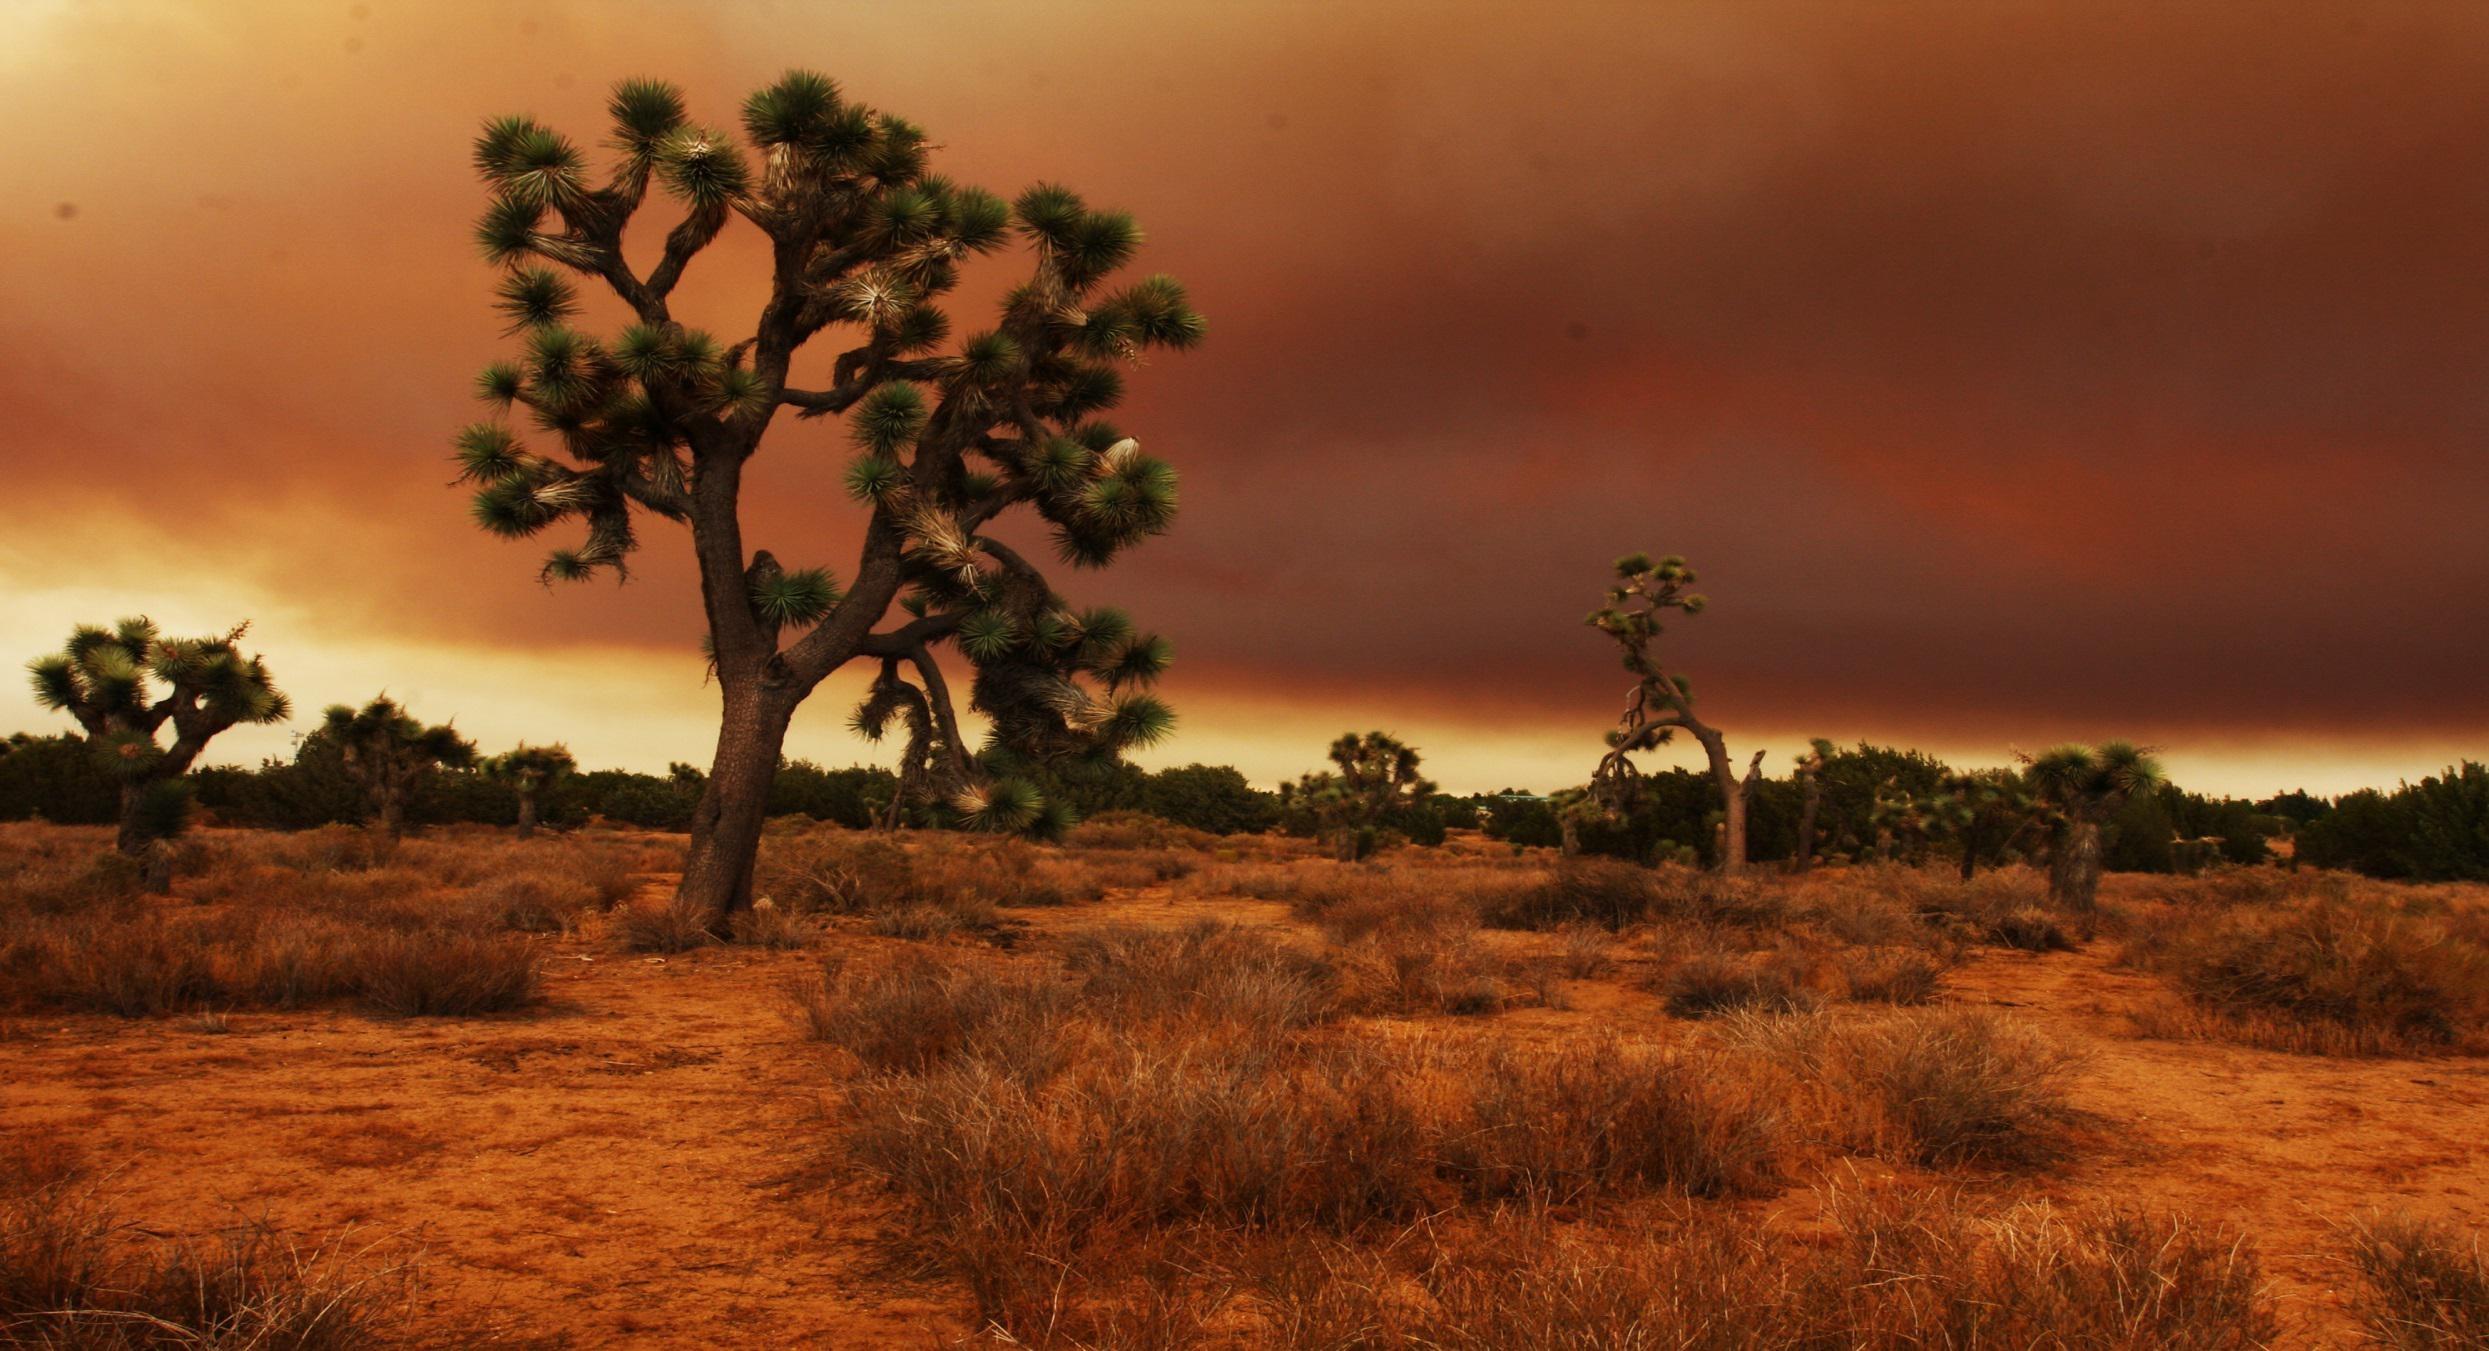 Mojave desert over the boundries of california nevada arizona utah .